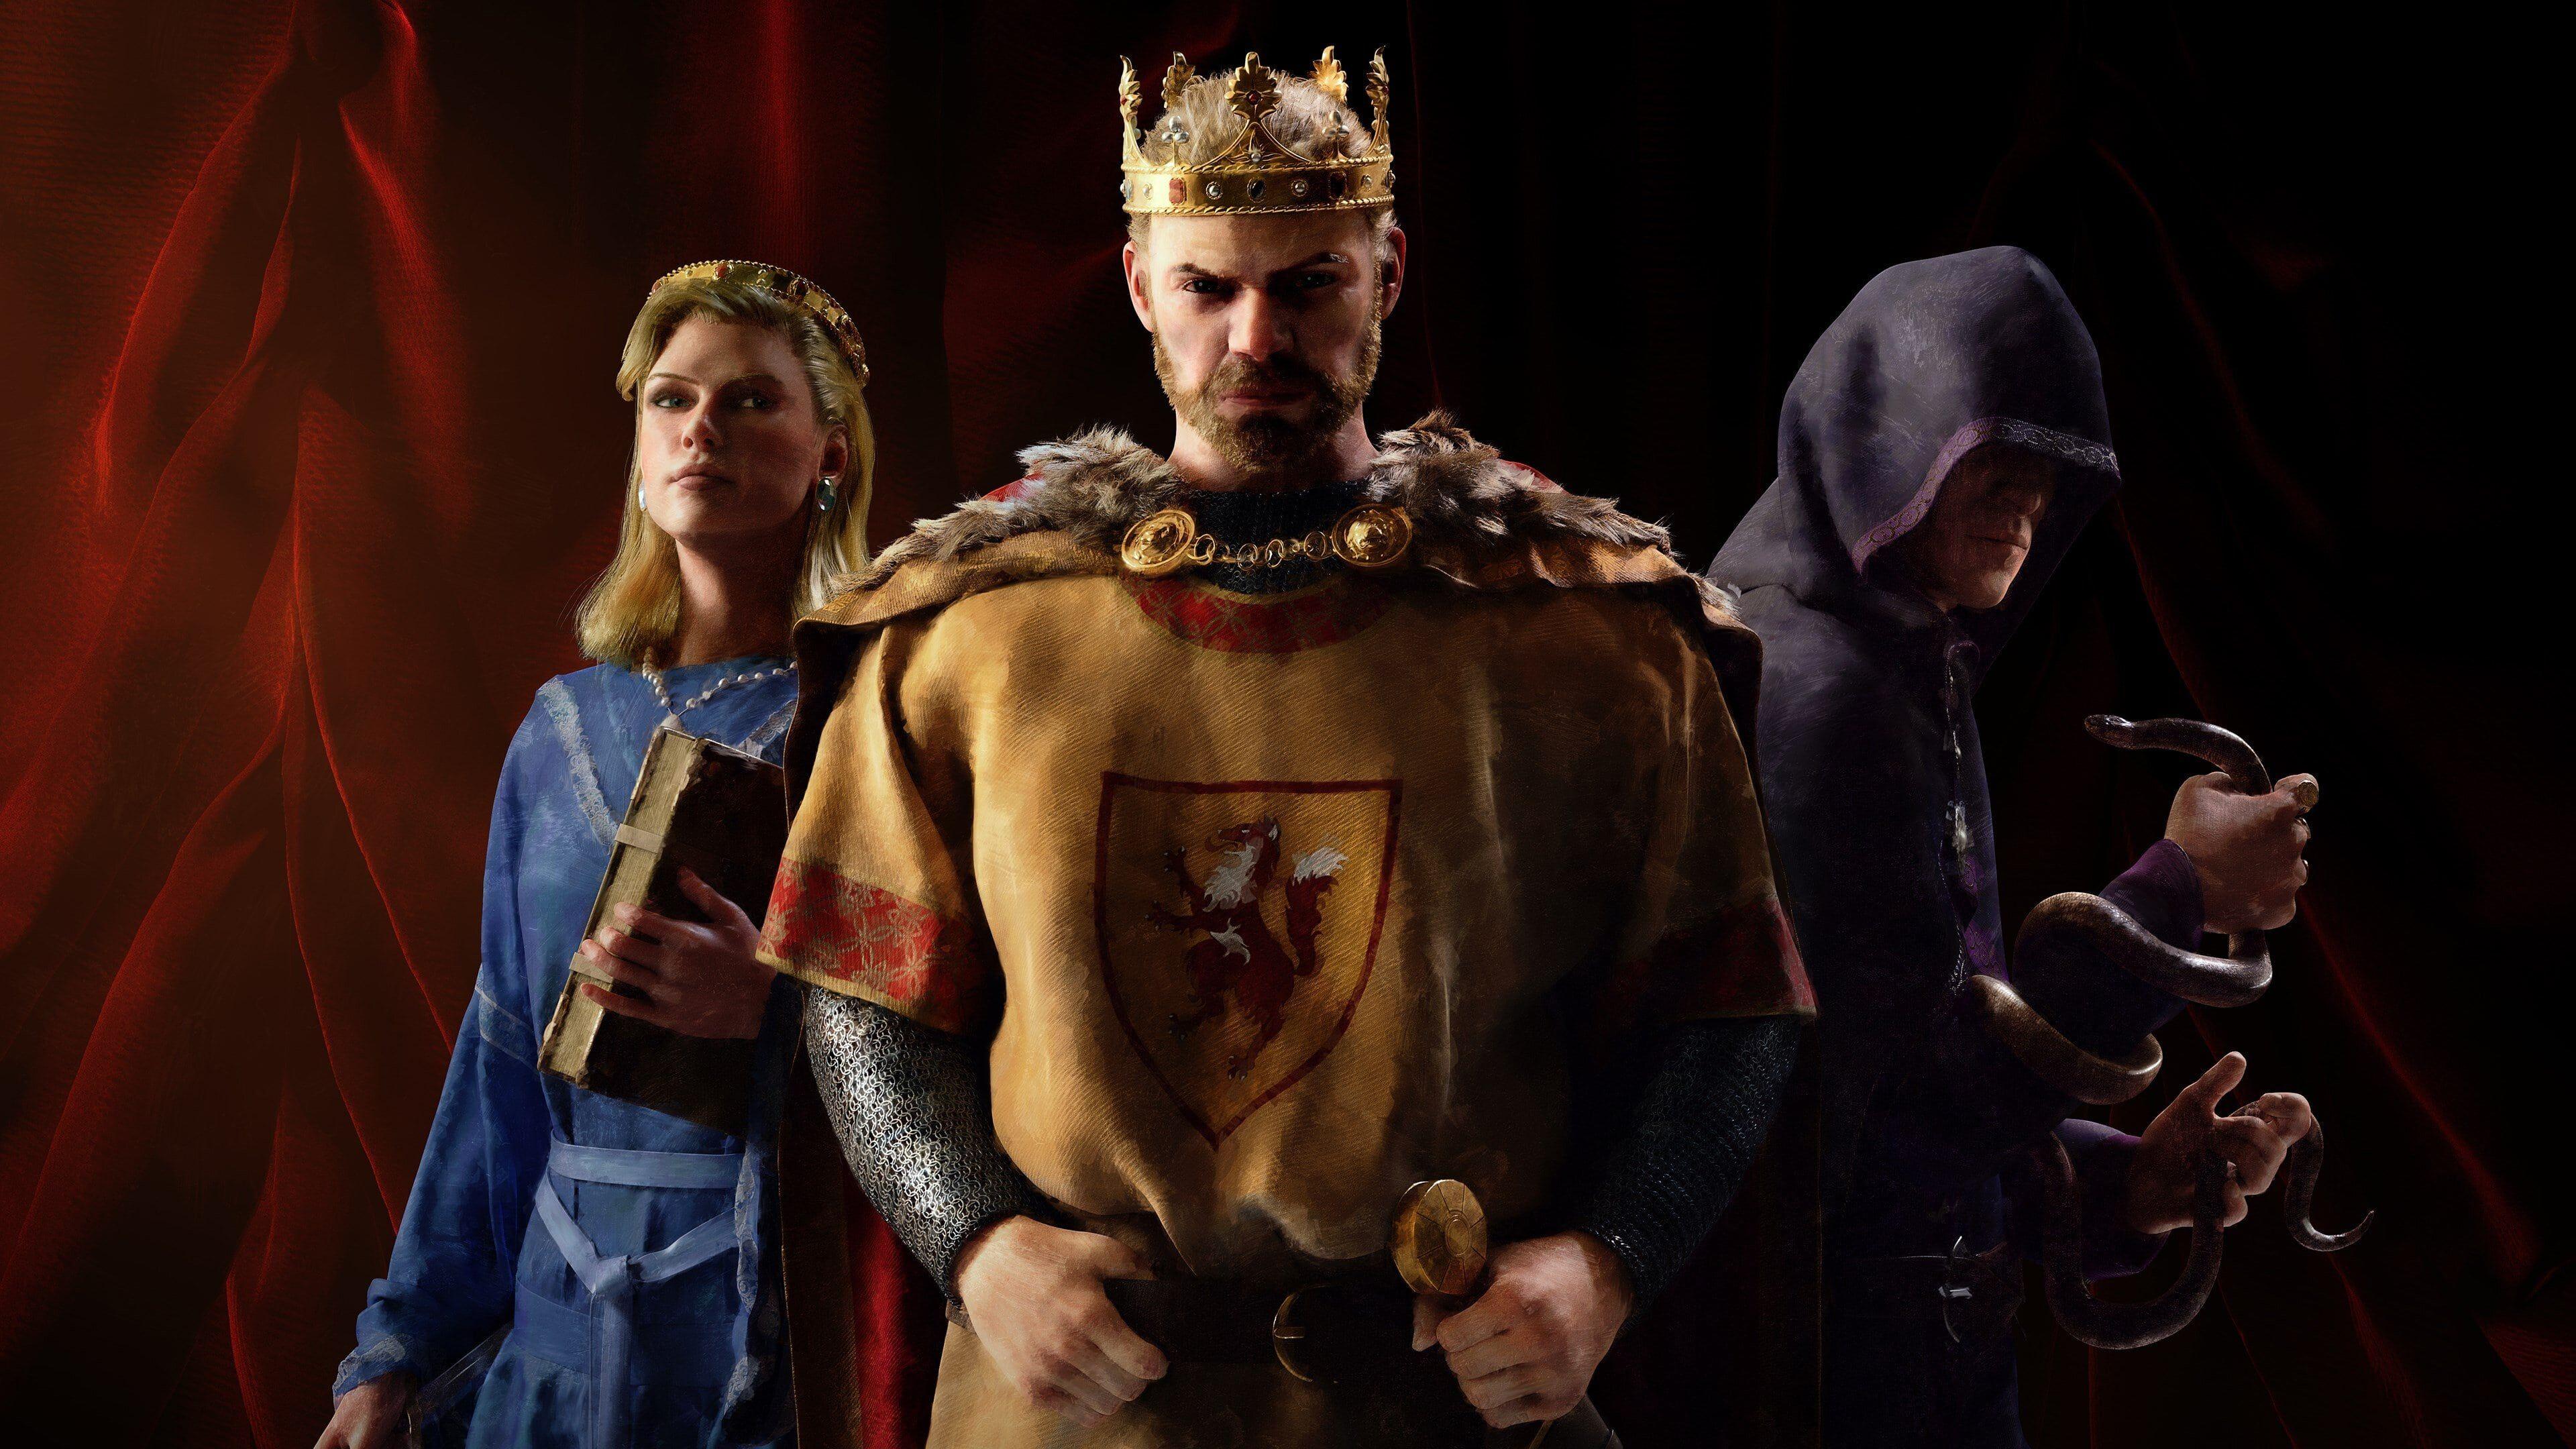 سی دی کی اریجینال استیم بازی Crusader Kings III